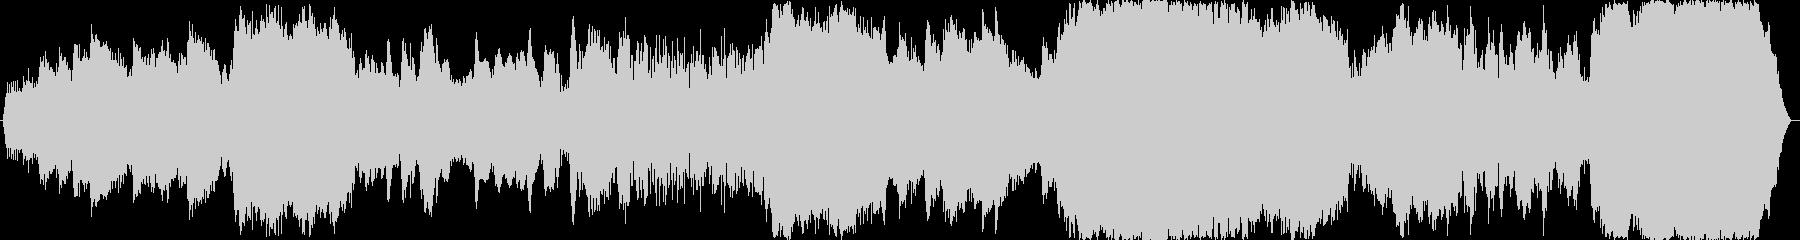 ホラー、暗い、恐怖なイメージのBGMの未再生の波形